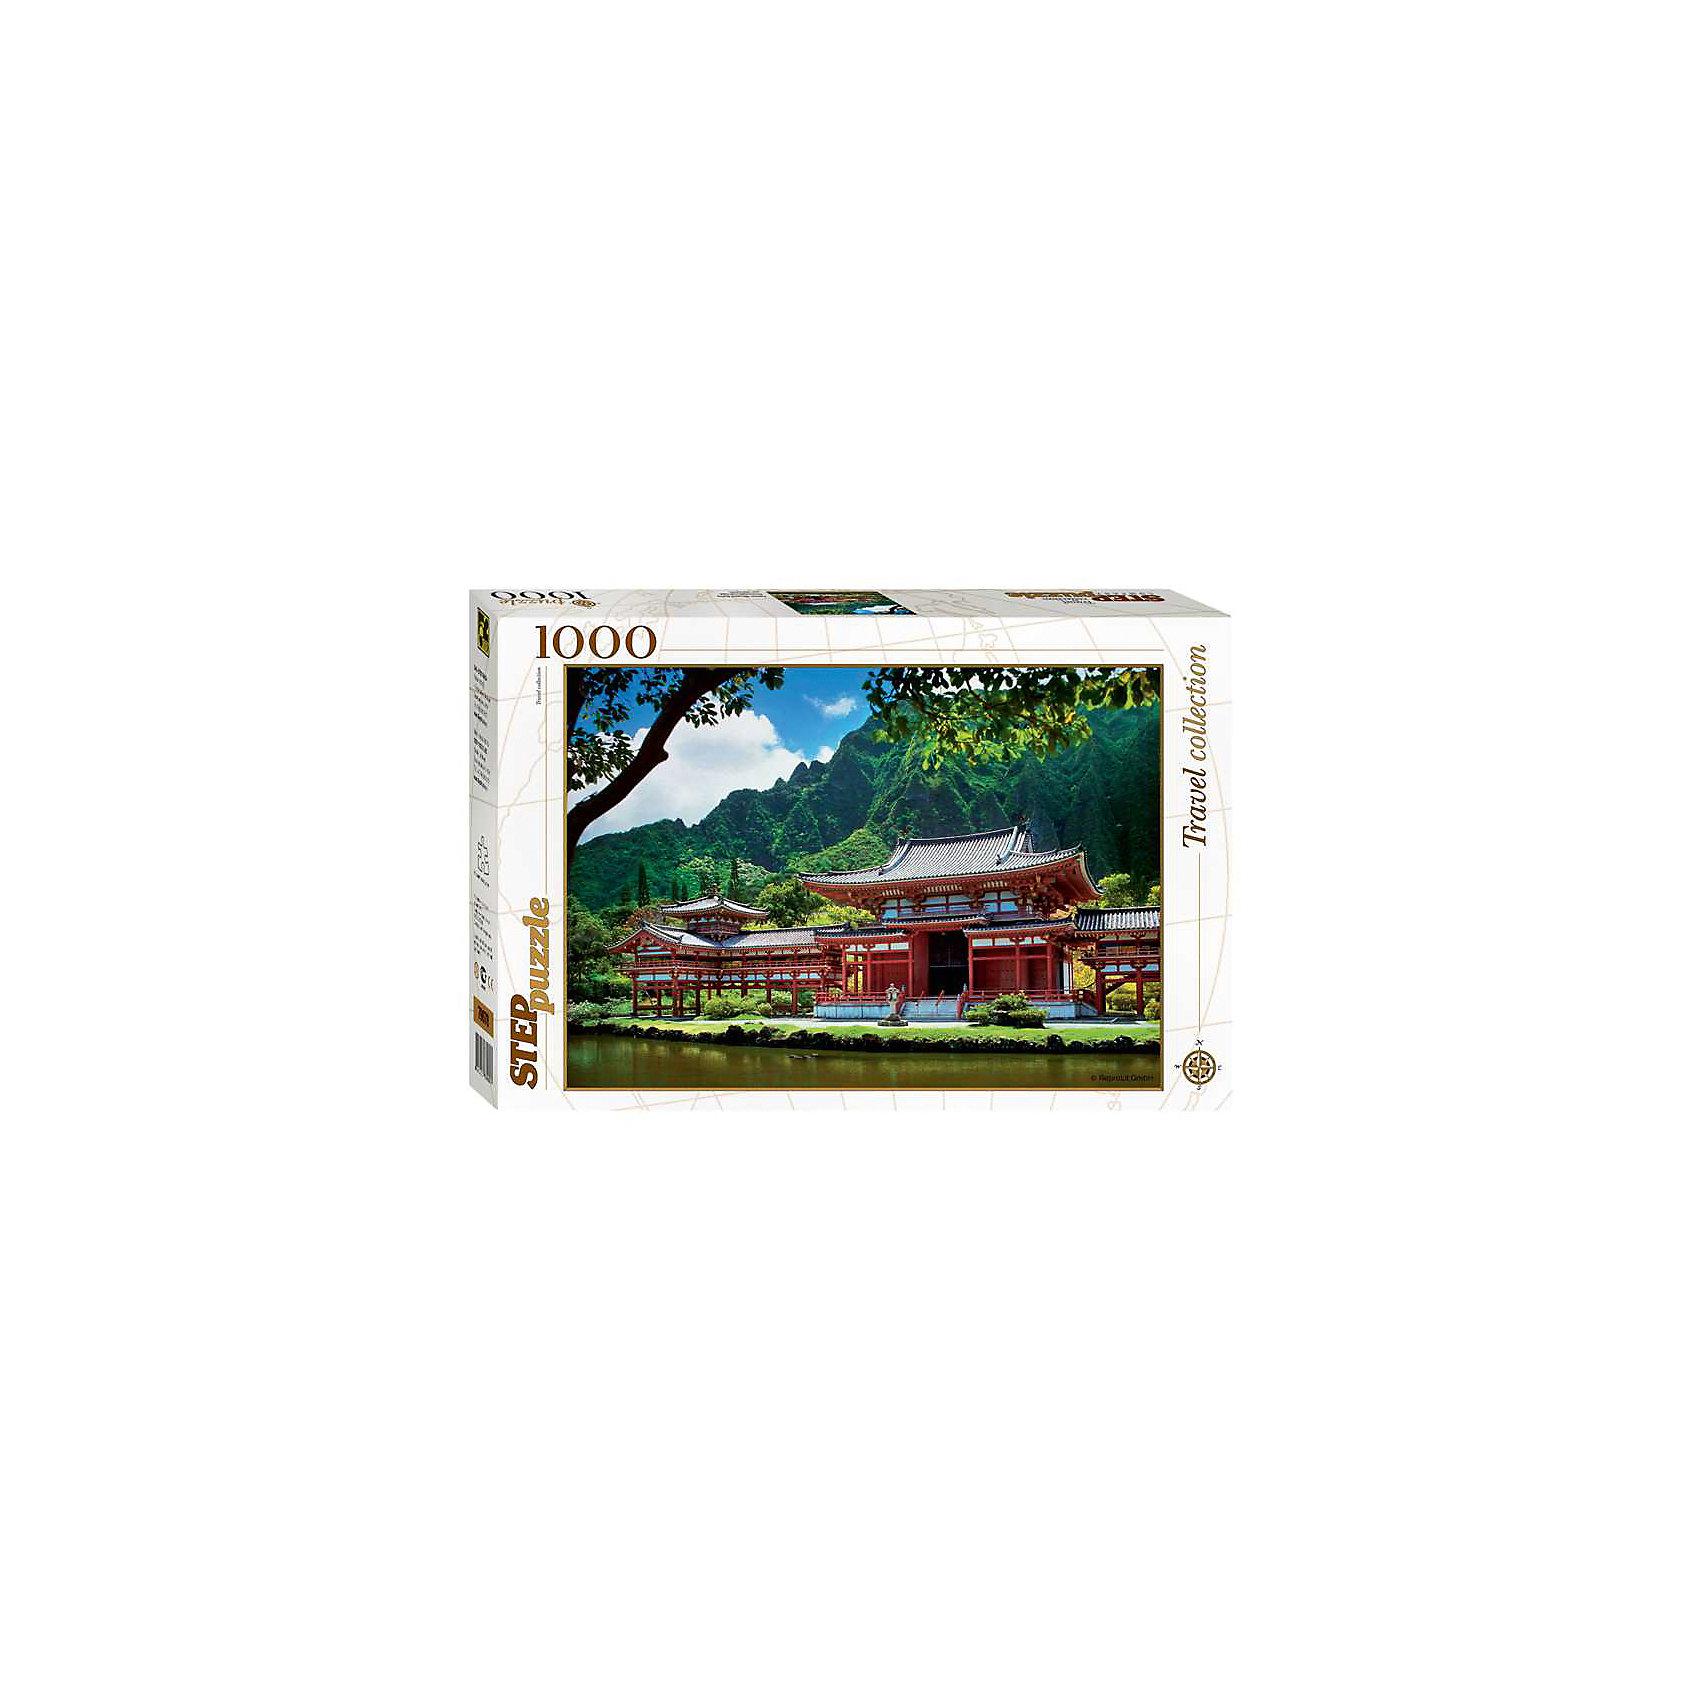 Степ Пазл Пазл Гаваи. Остров Оаху, 1000 деталей, Step Puzzle степ пазл пазл букет цветов с улиткой 1000 деталей step puzzle